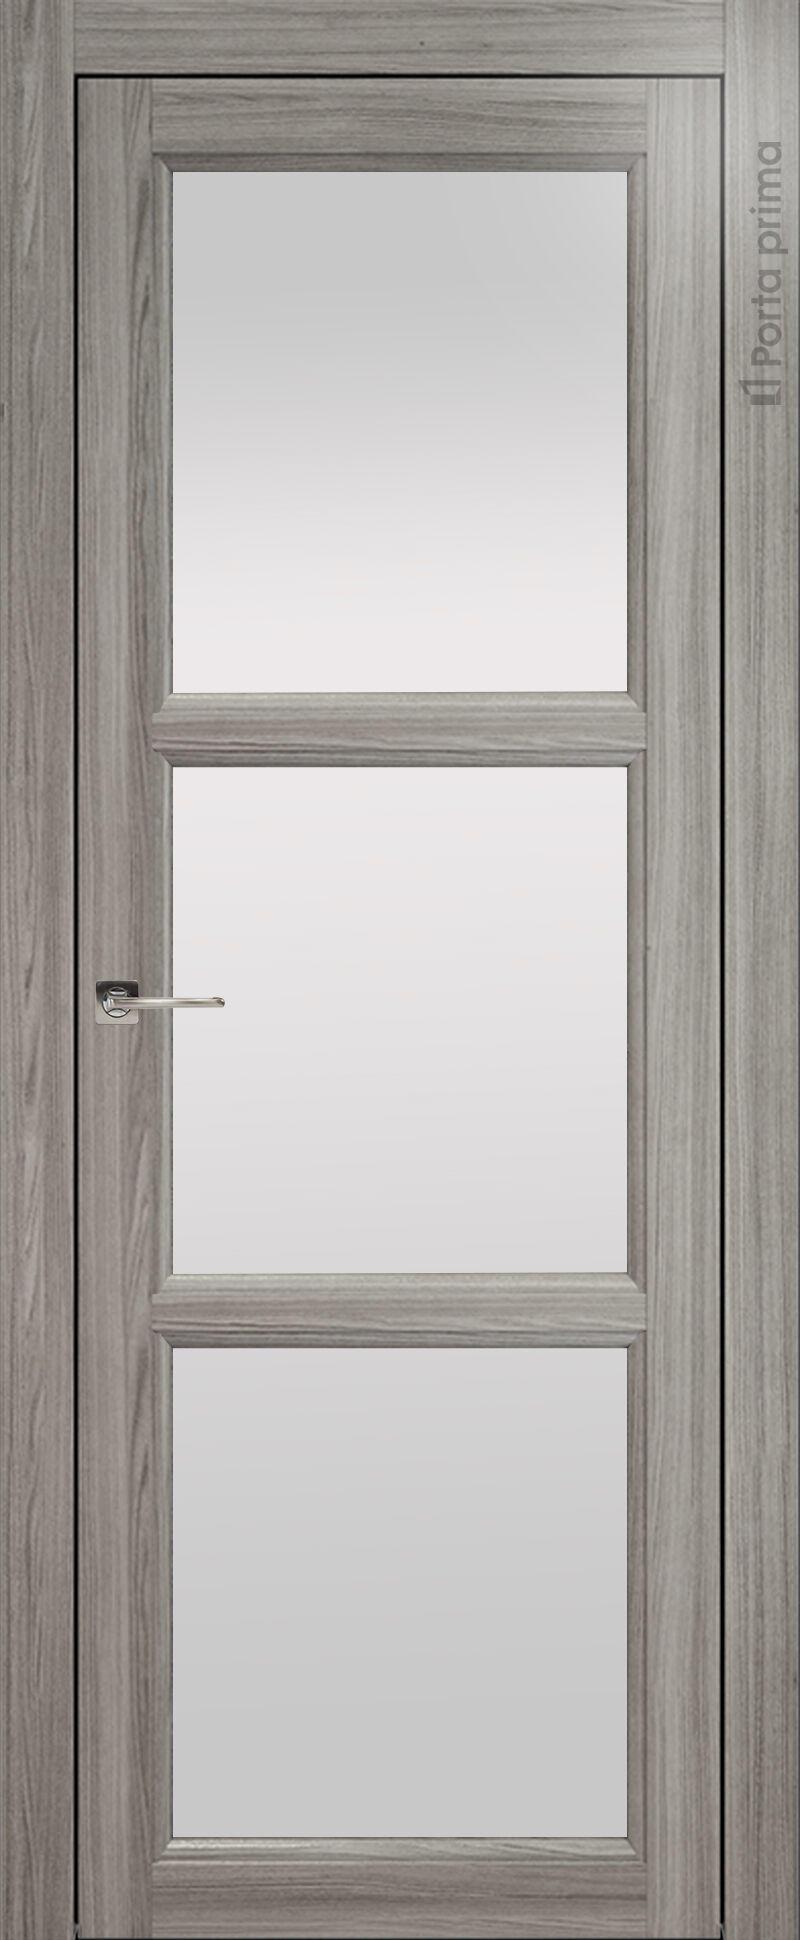 Sorrento-R В2 цвет - Орех пепельный Со стеклом (ДО)